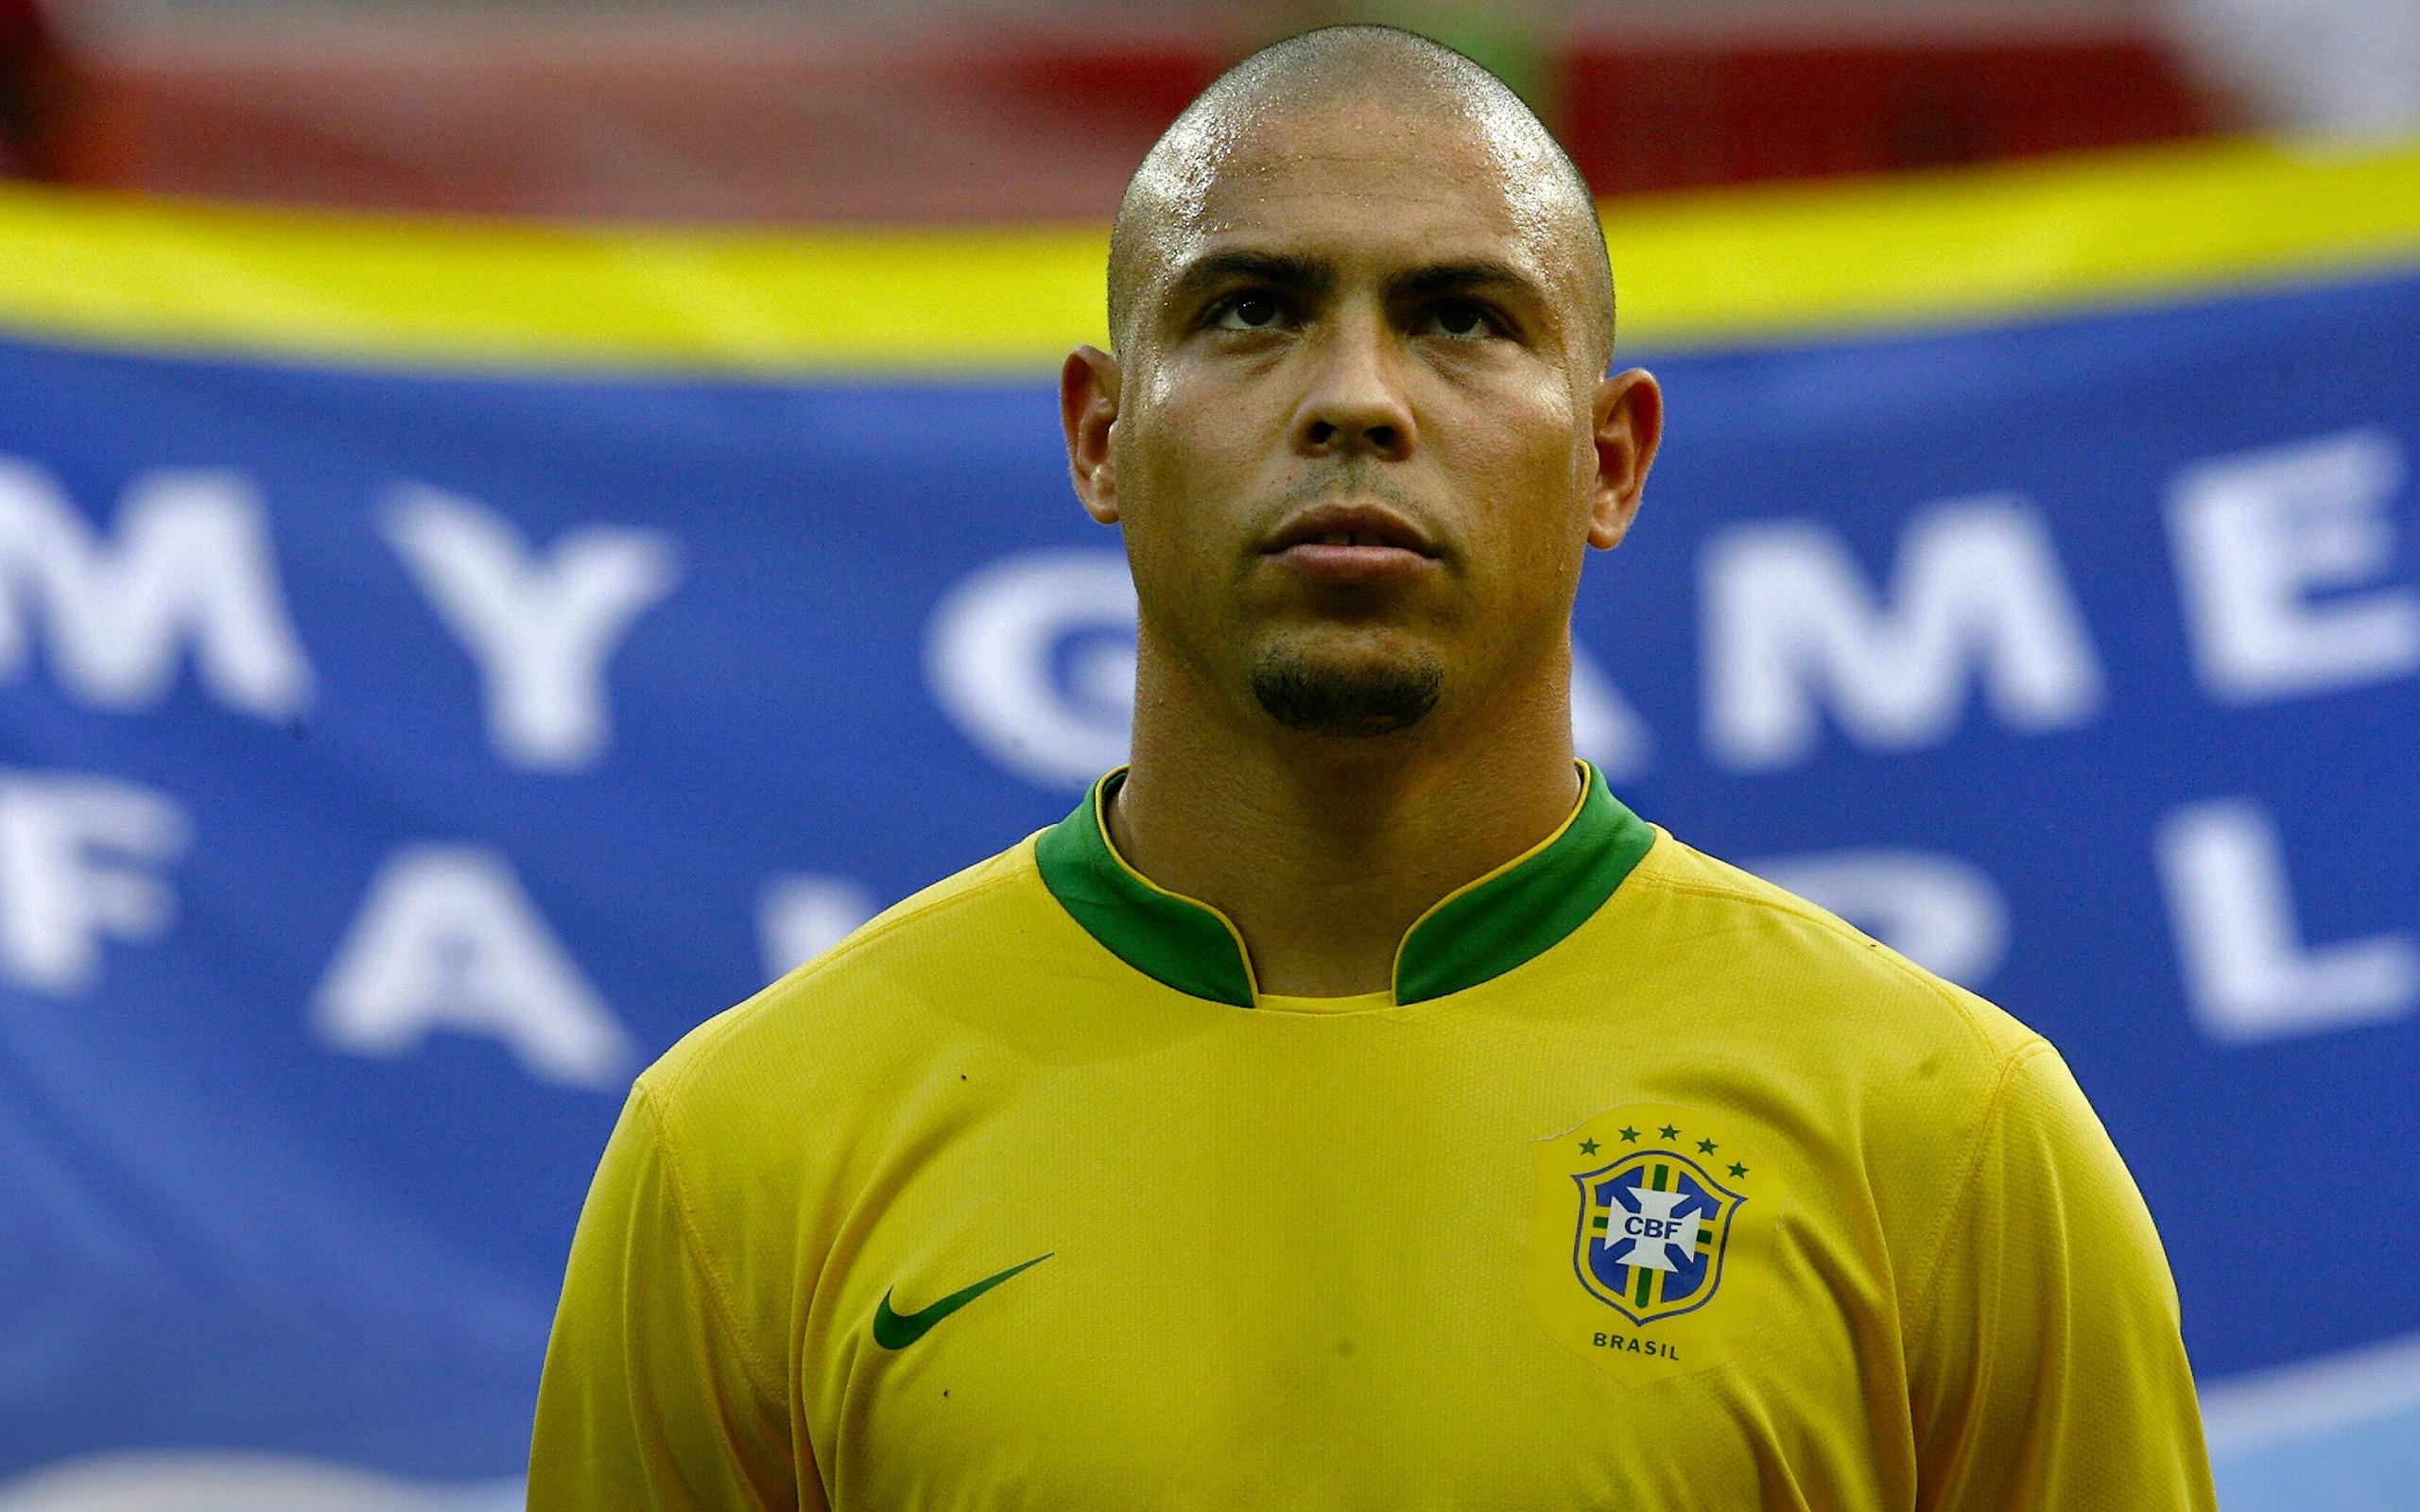 также ремесленники фото роналдо бразильца информацию